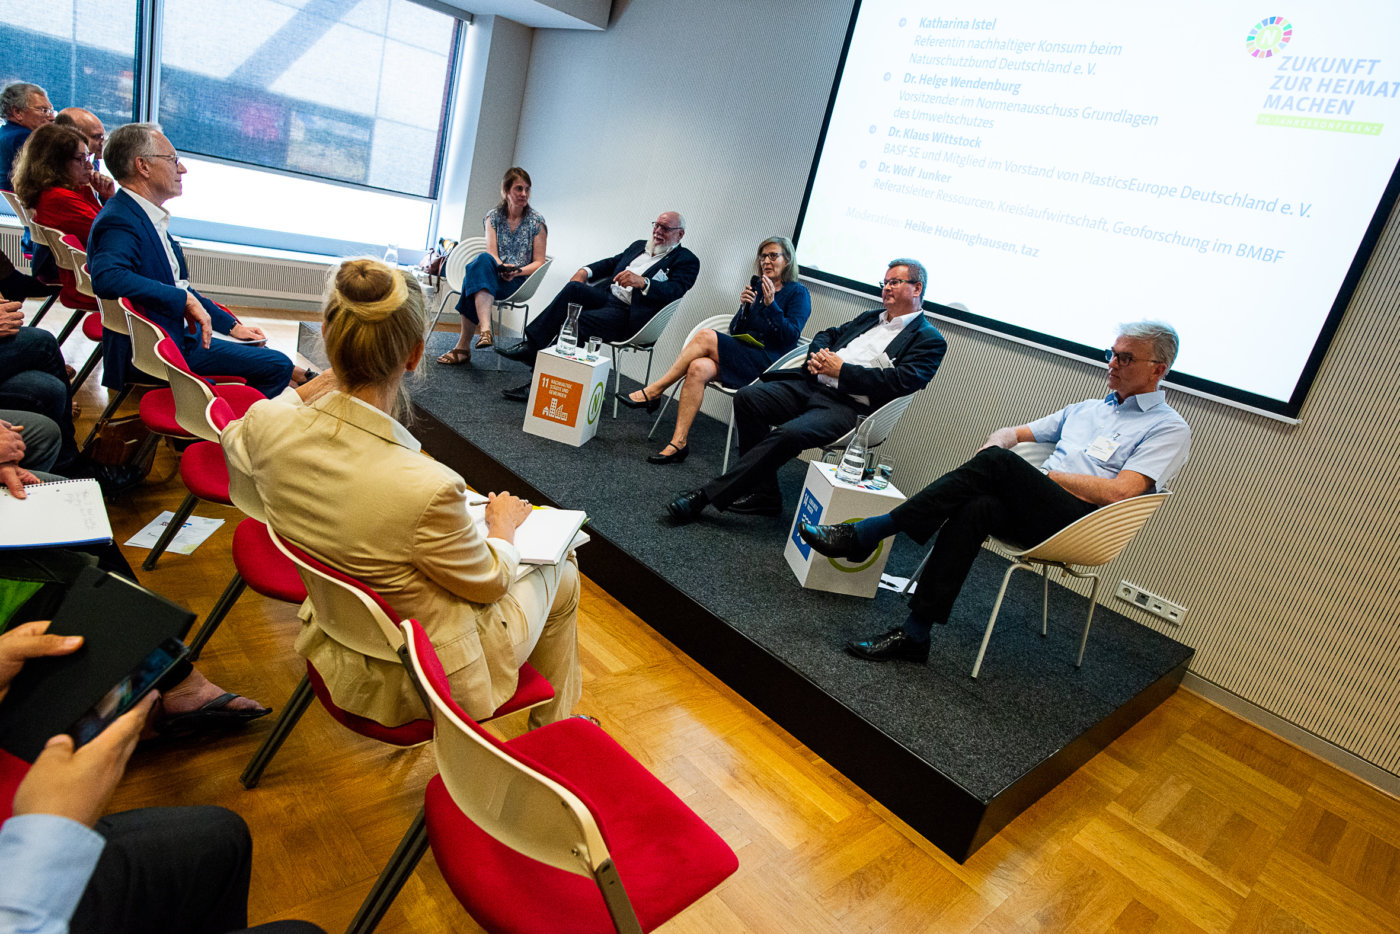 """Themenforum auf der 19. RNE-Jahreskonferenz zum Thema """"Die Plastikwende – nachhaltiger Umgang mit Kunststoffen?"""", Foto: André Wagenzik/Andreas Domma © Rat für Nachhaltige Entwicklung (RNE)"""